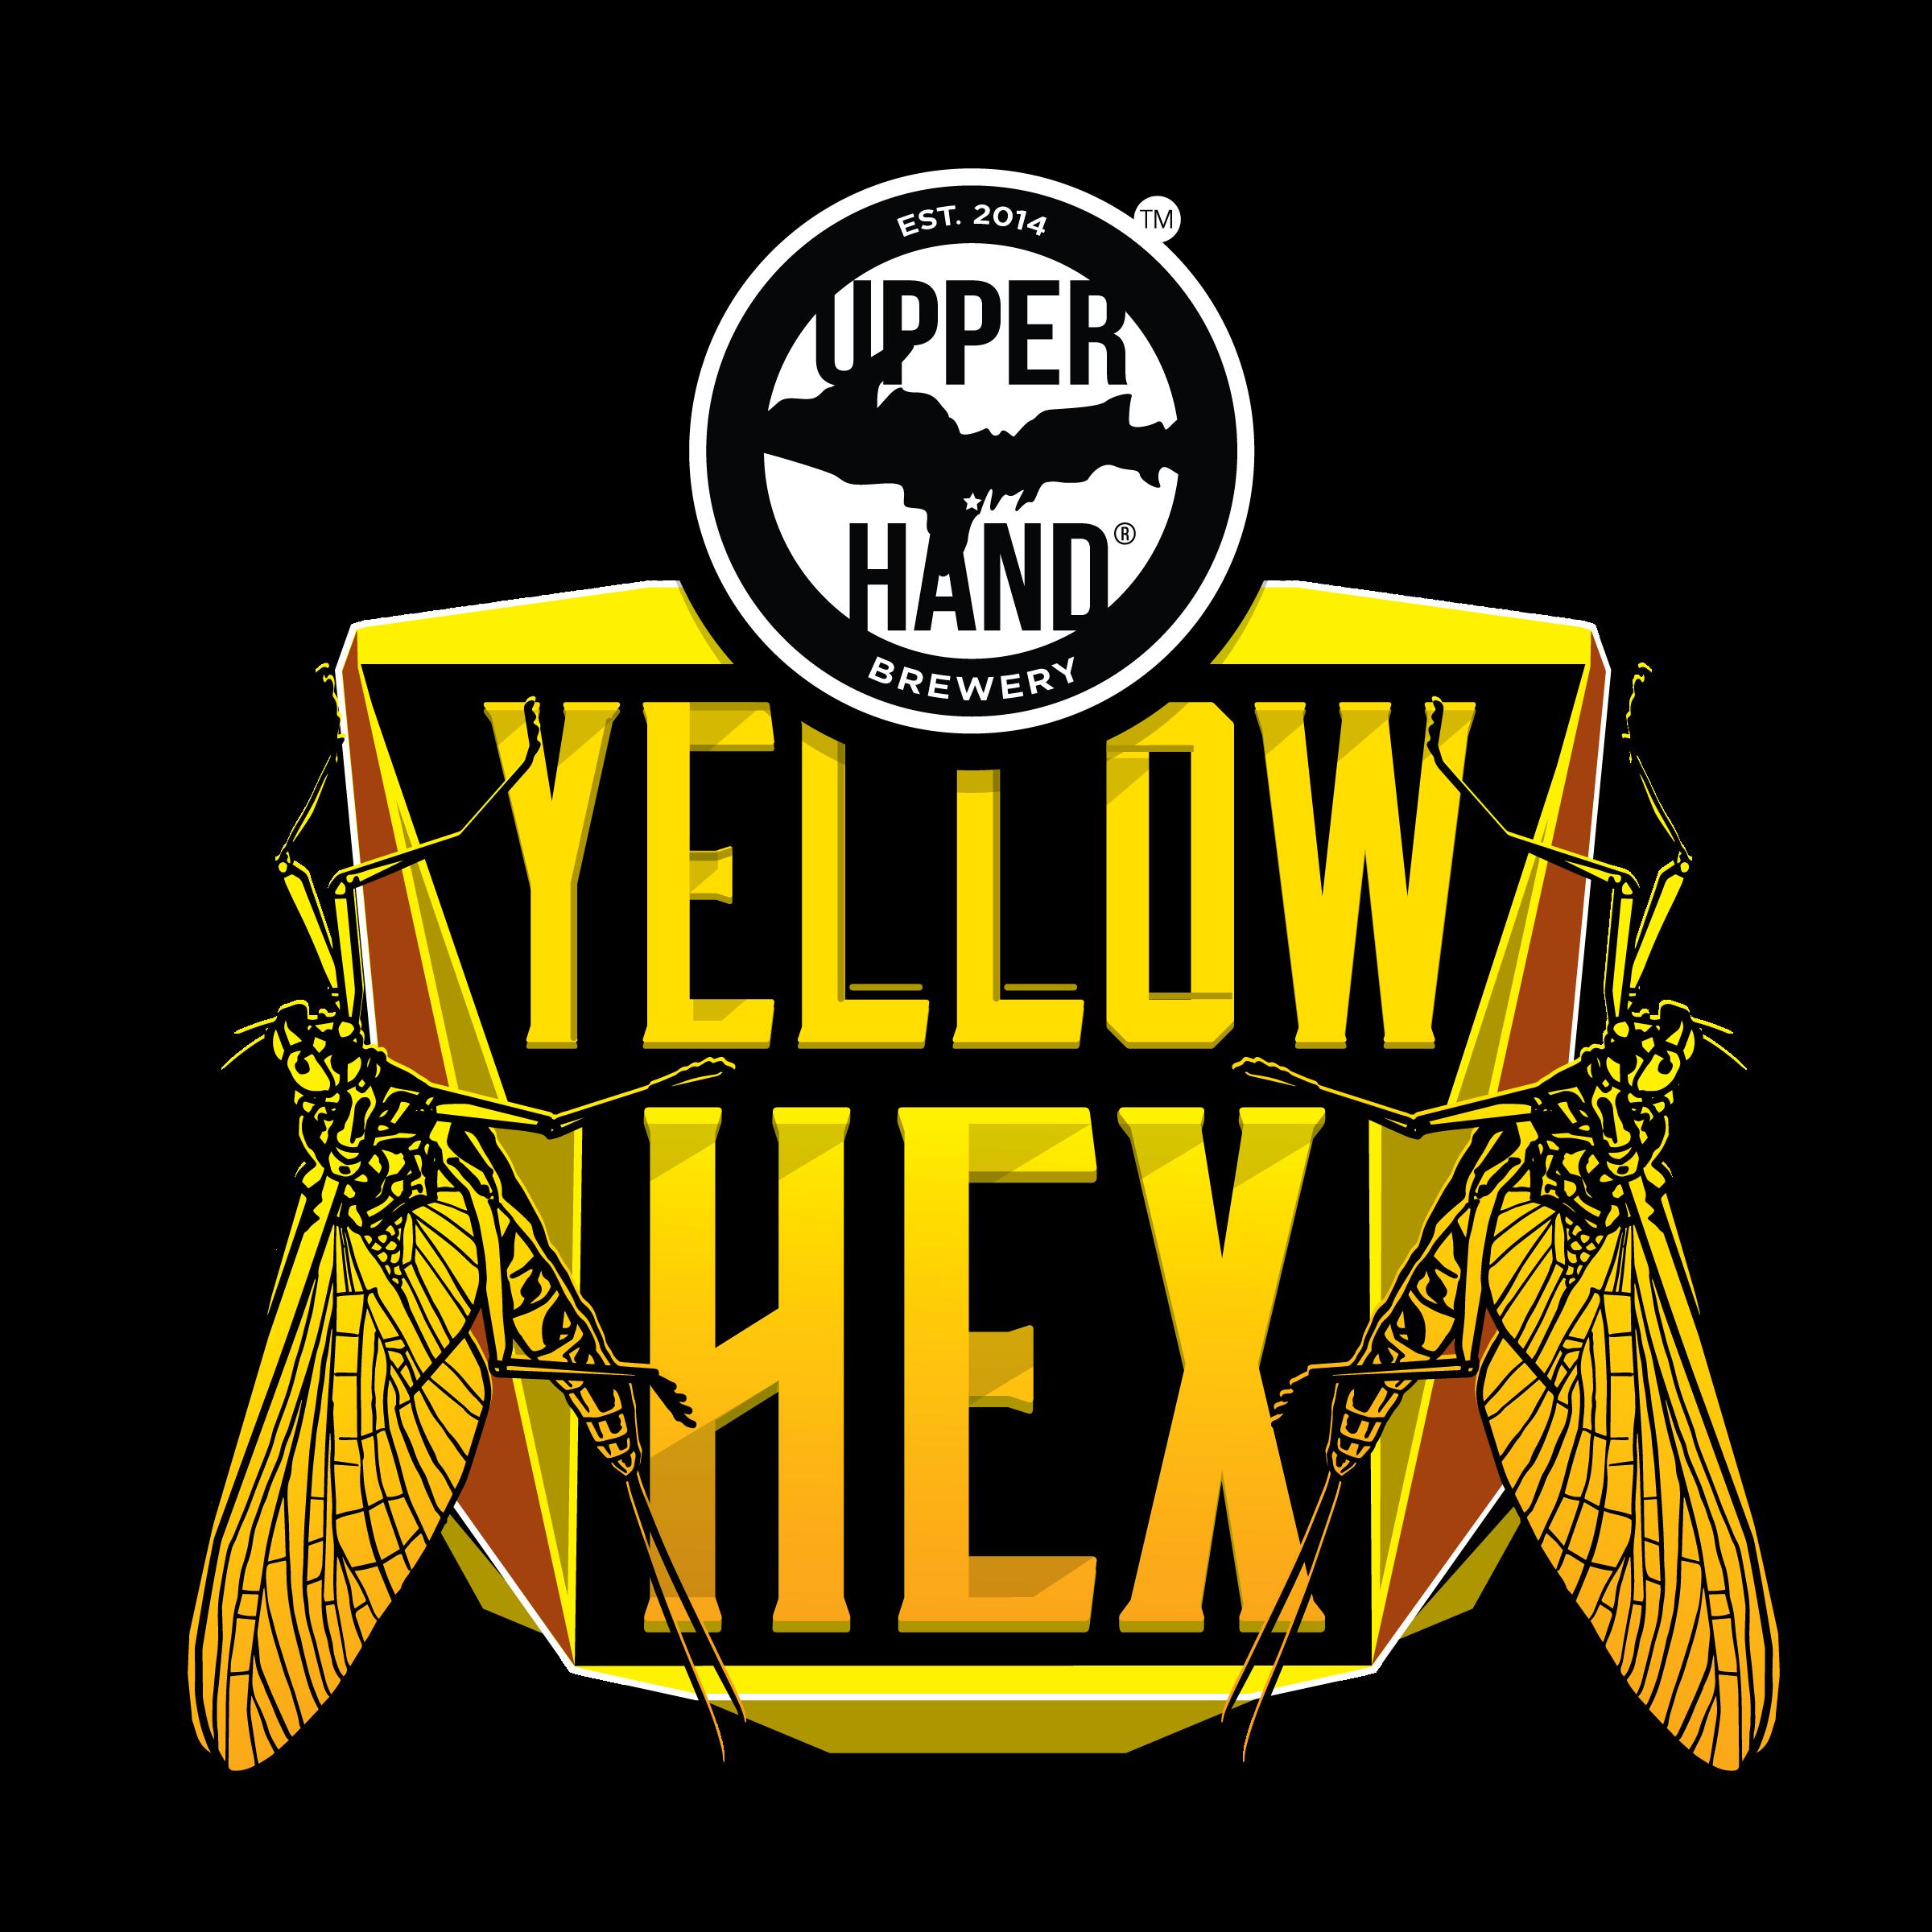 Yellow Hex